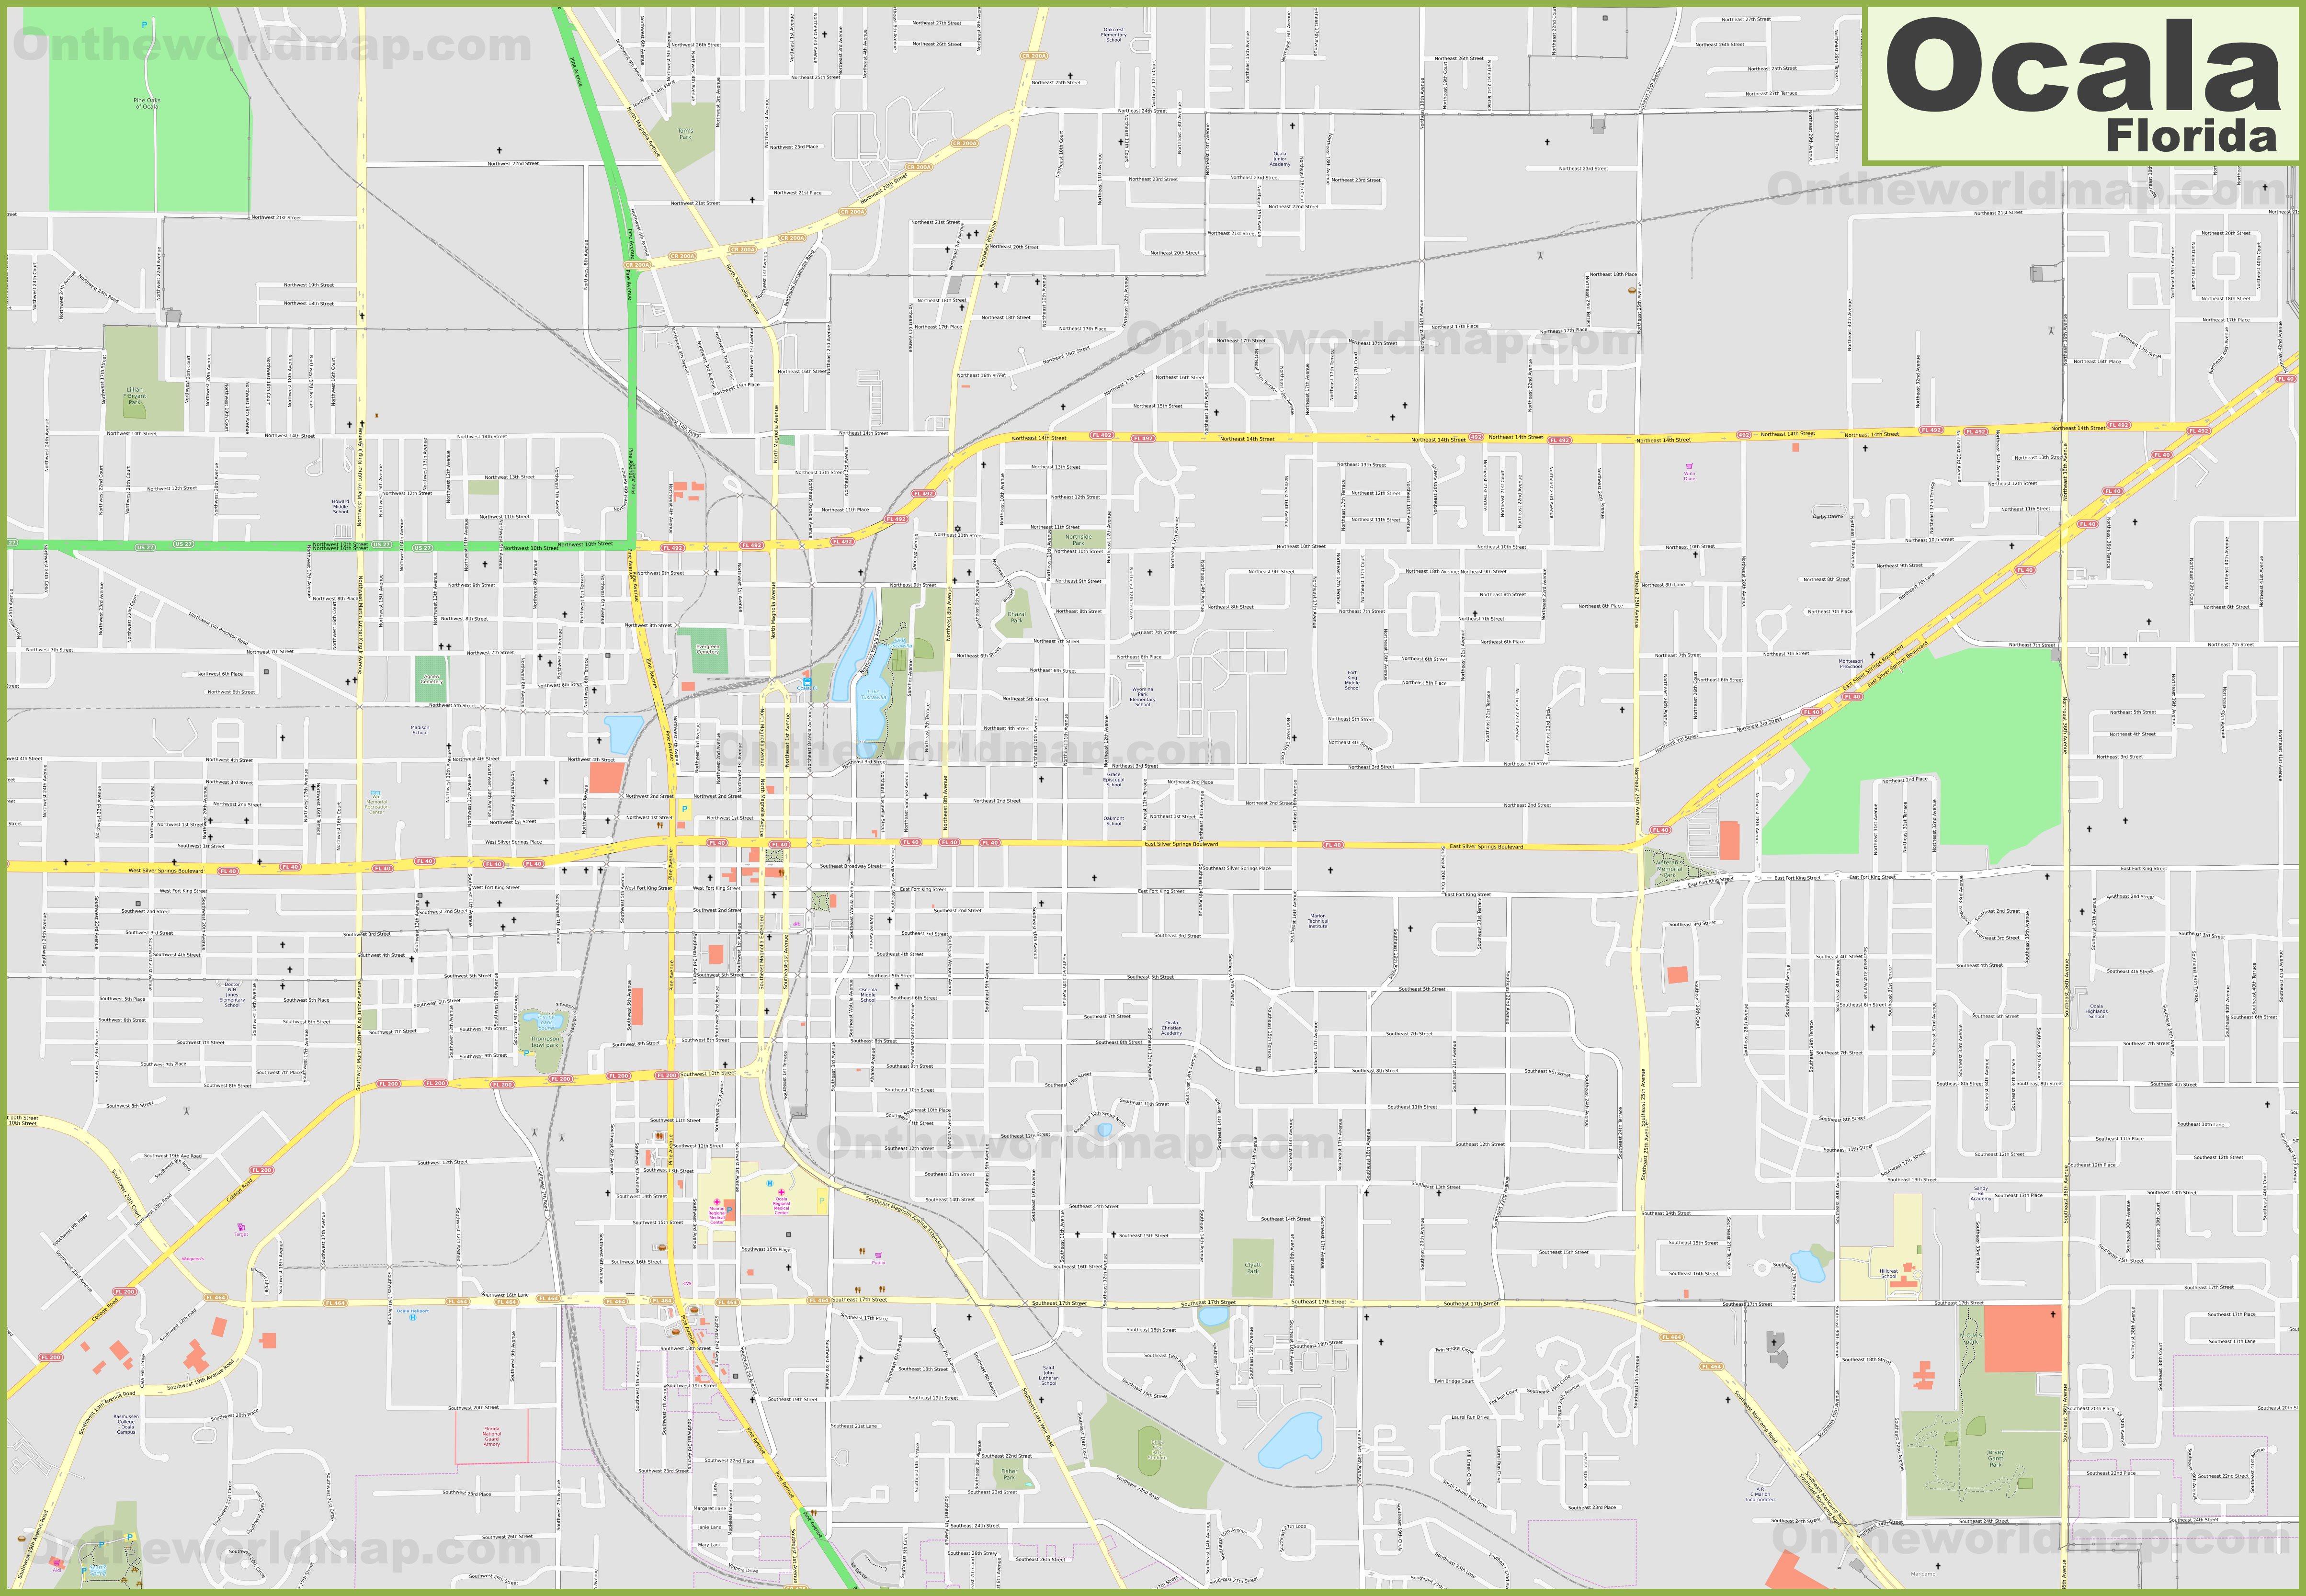 Map Of Ocala Florida.Large Detailed Map Of Ocala